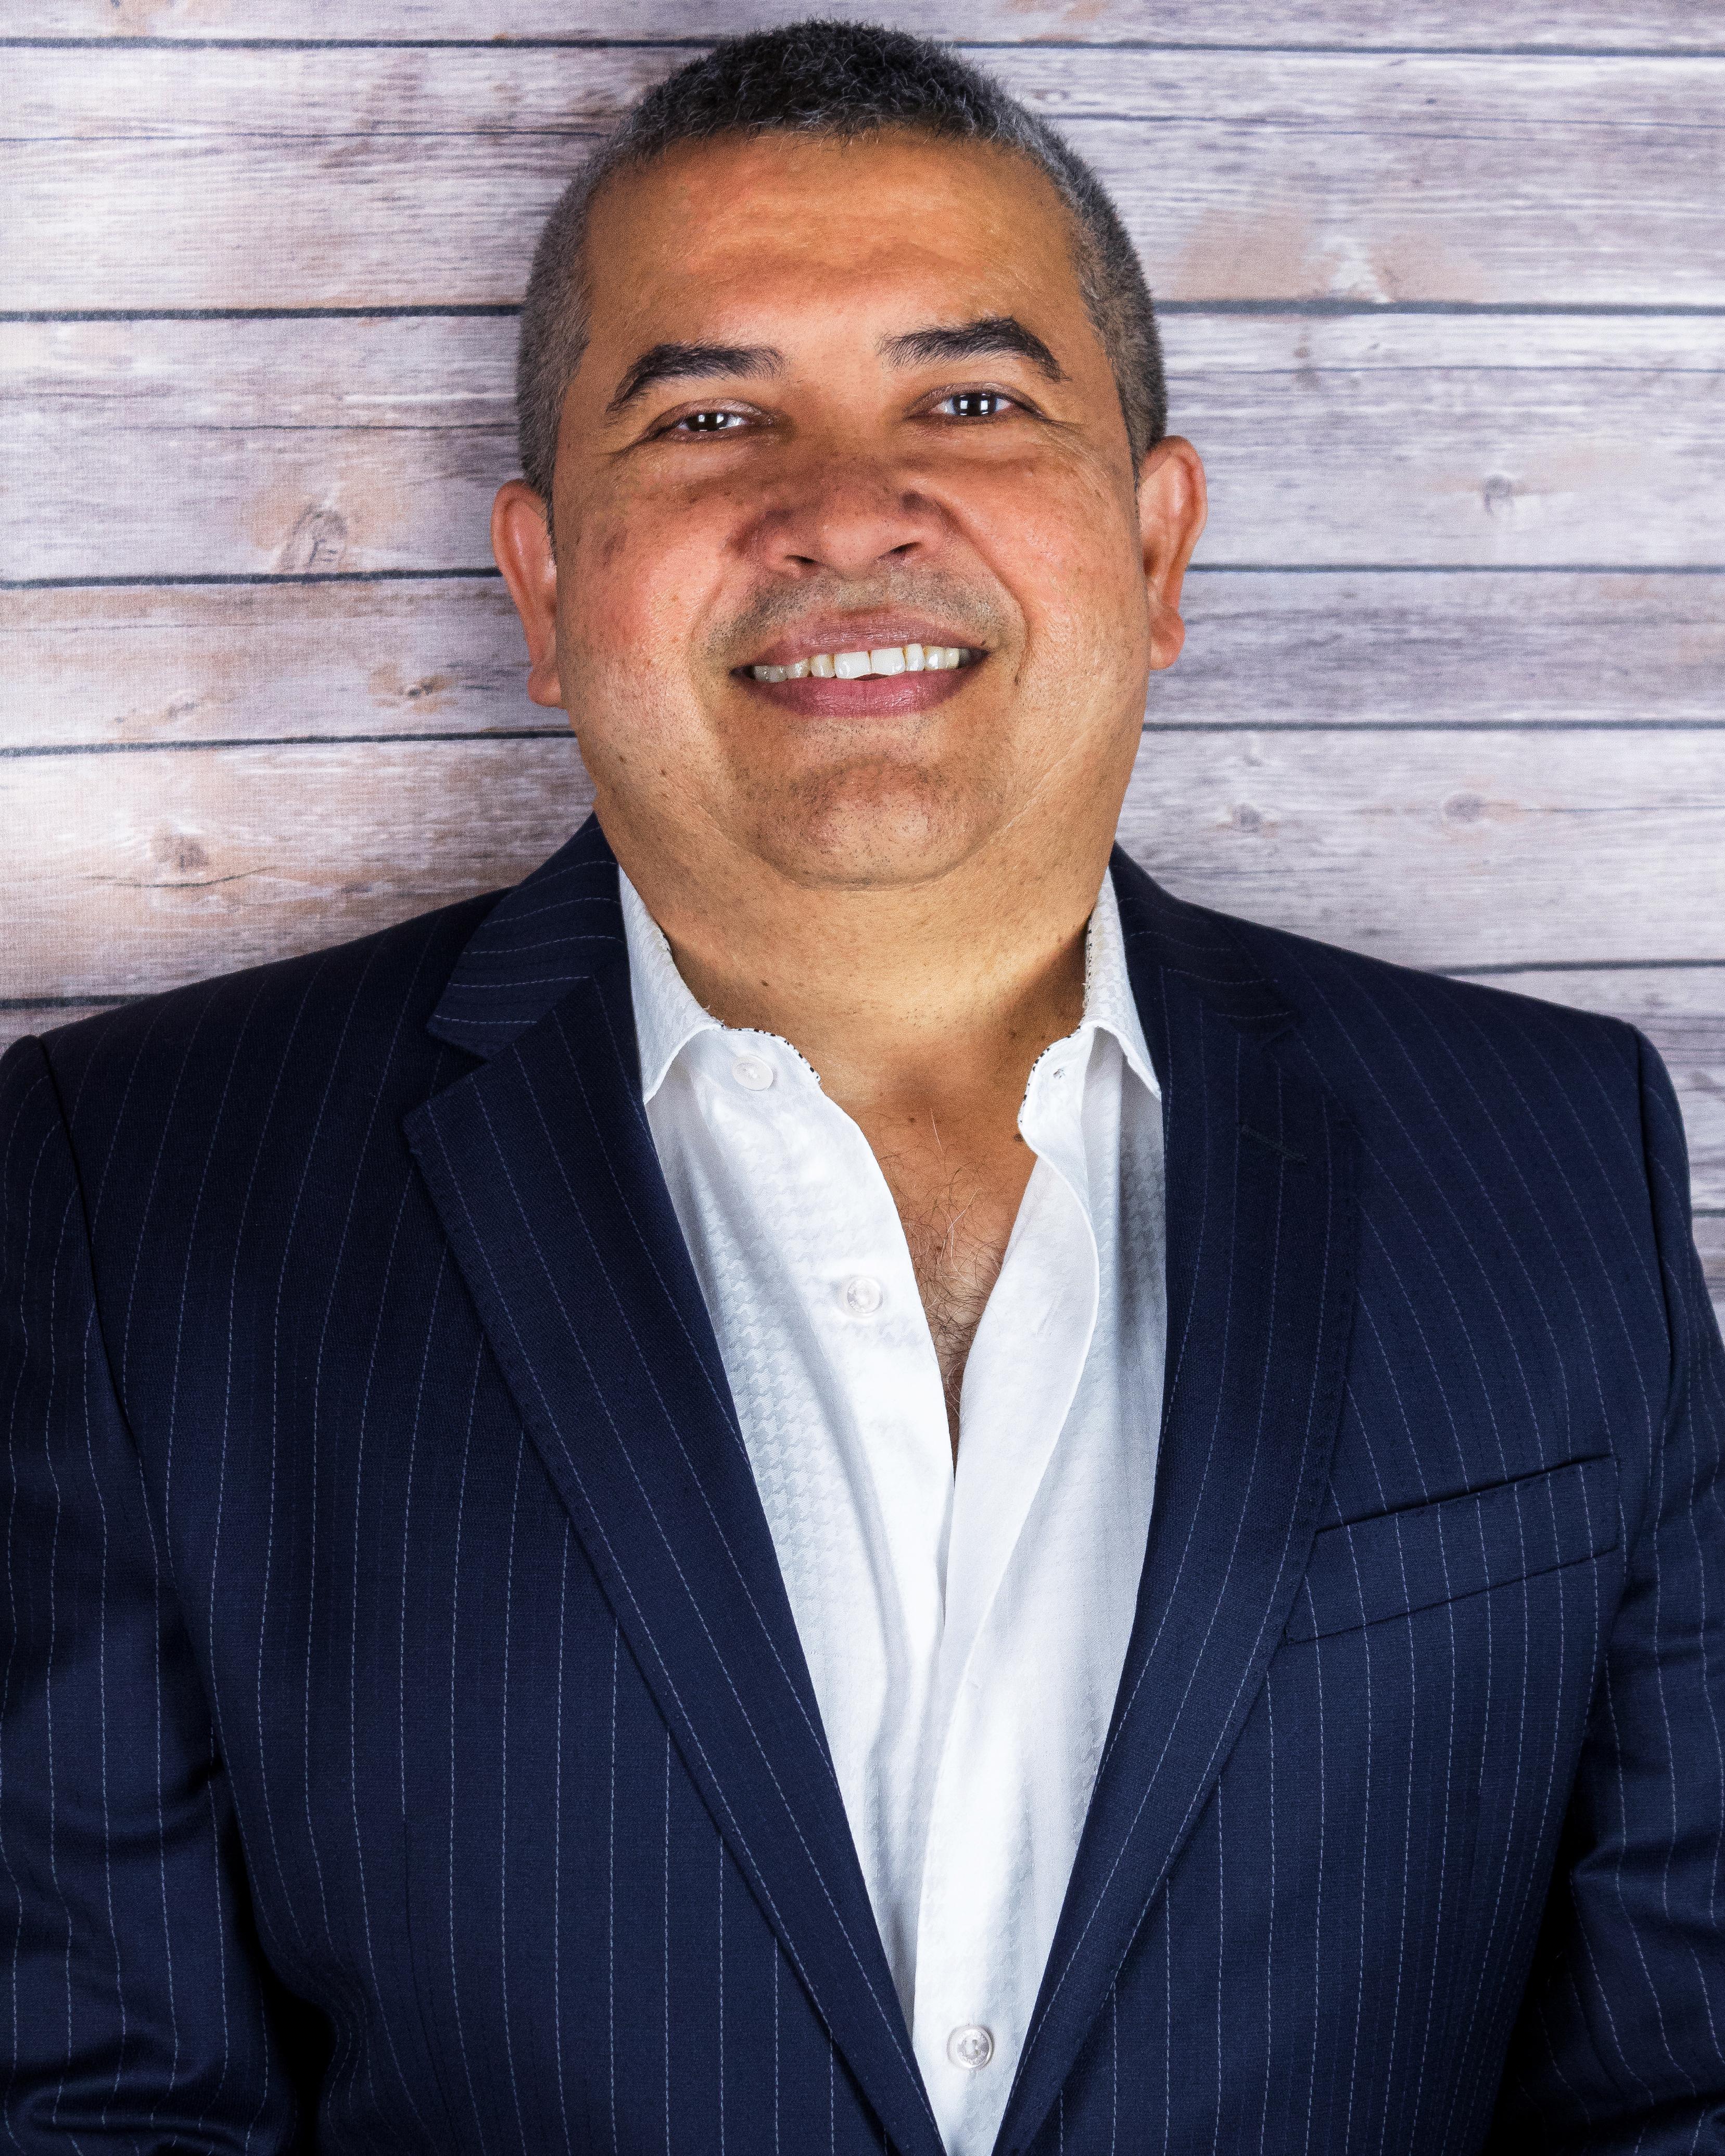 New Image President Oscar Urzola